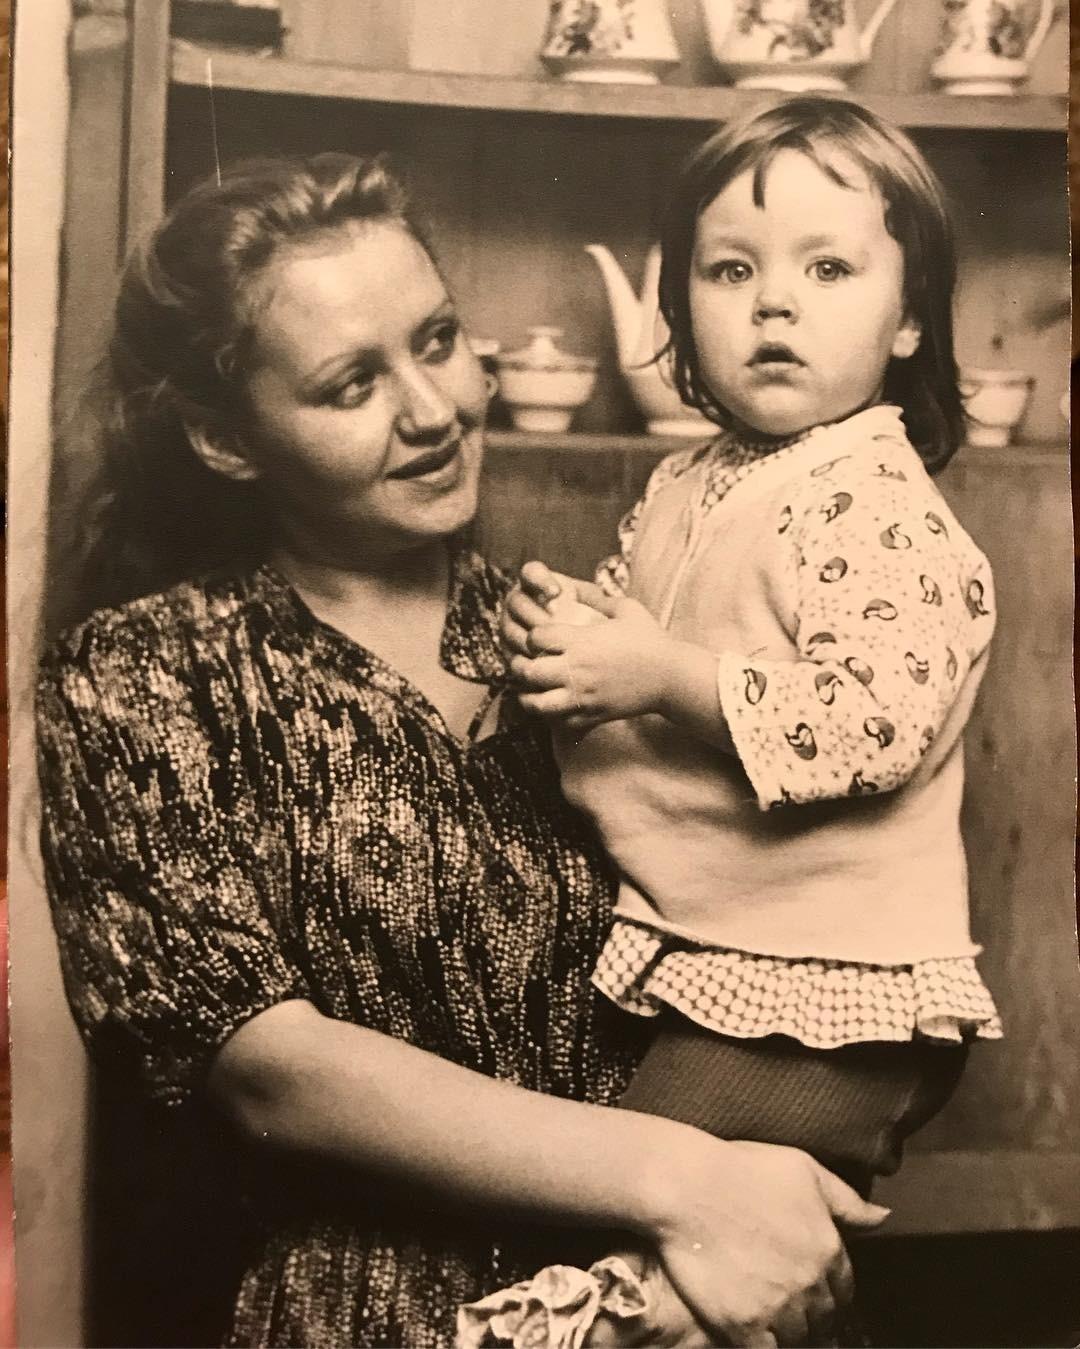 Ульяна Сергеенко рассказывает, что неискала свой стиль - он был таким всегда, ссамого детства. Кумиром своей жизни Ульяна называет бабушку ишутит, что исама порой выглядит, как бабушк...